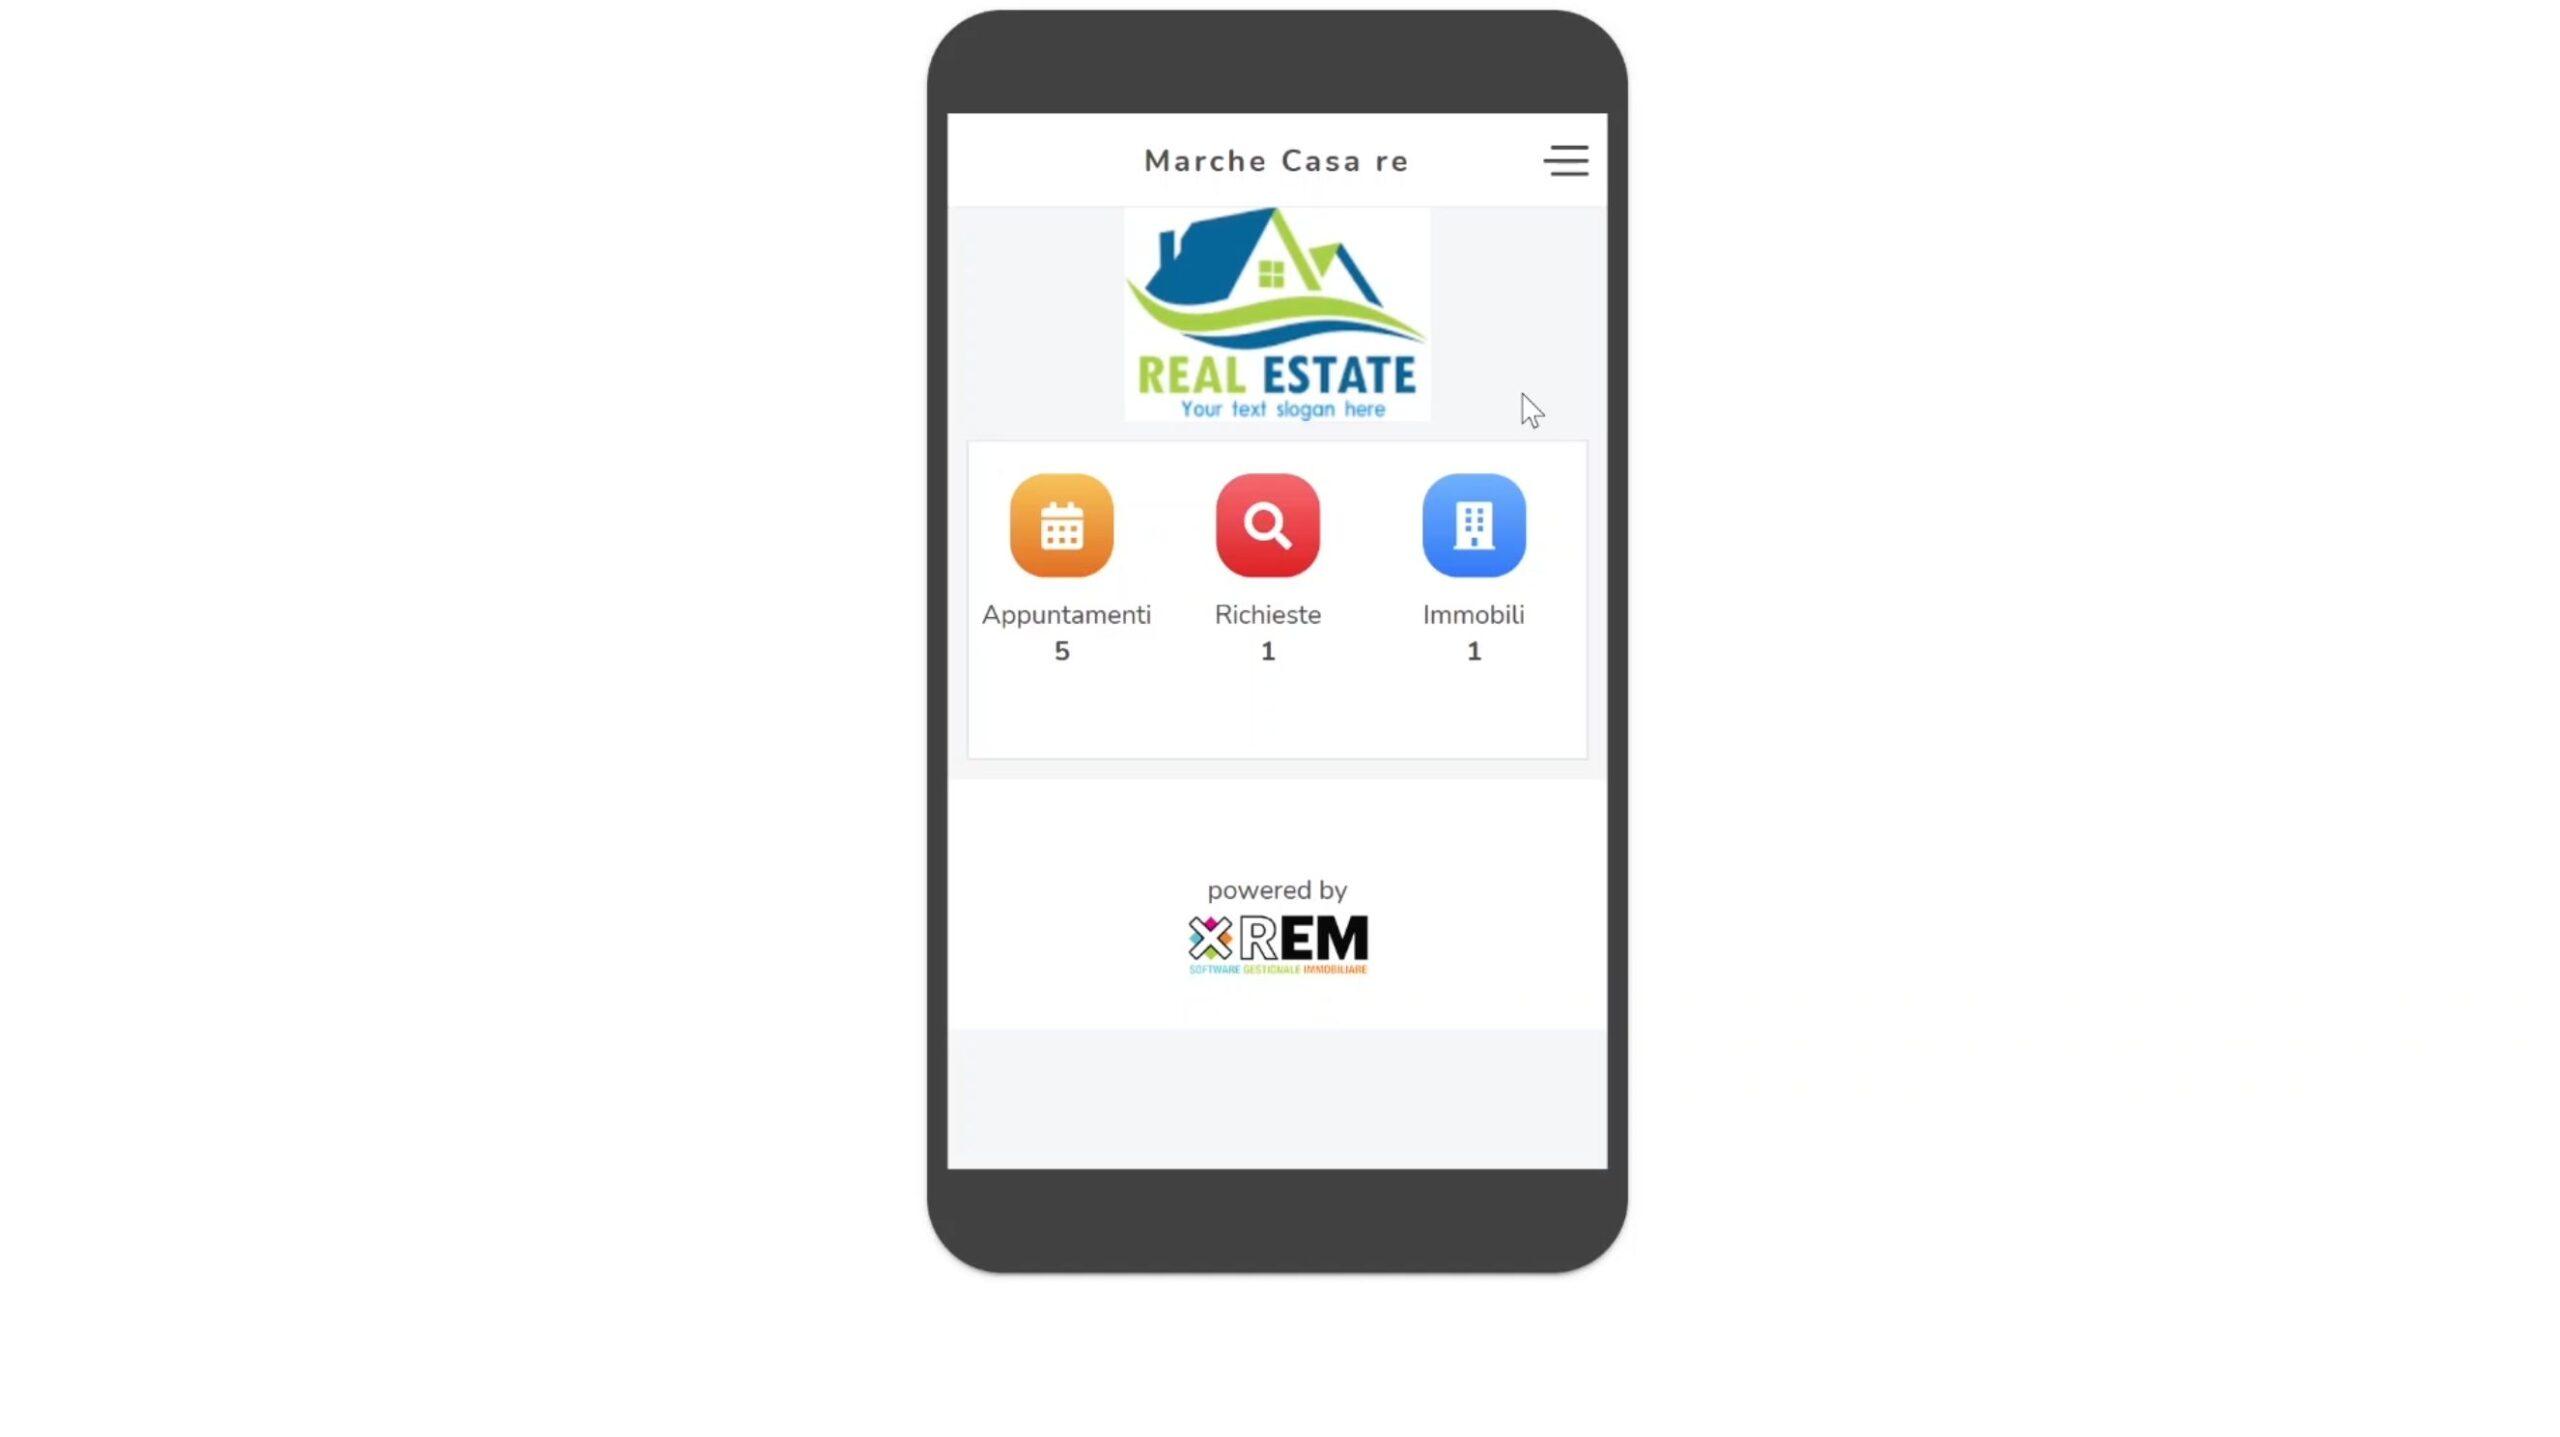 L'app per i clienti della tua agenzia